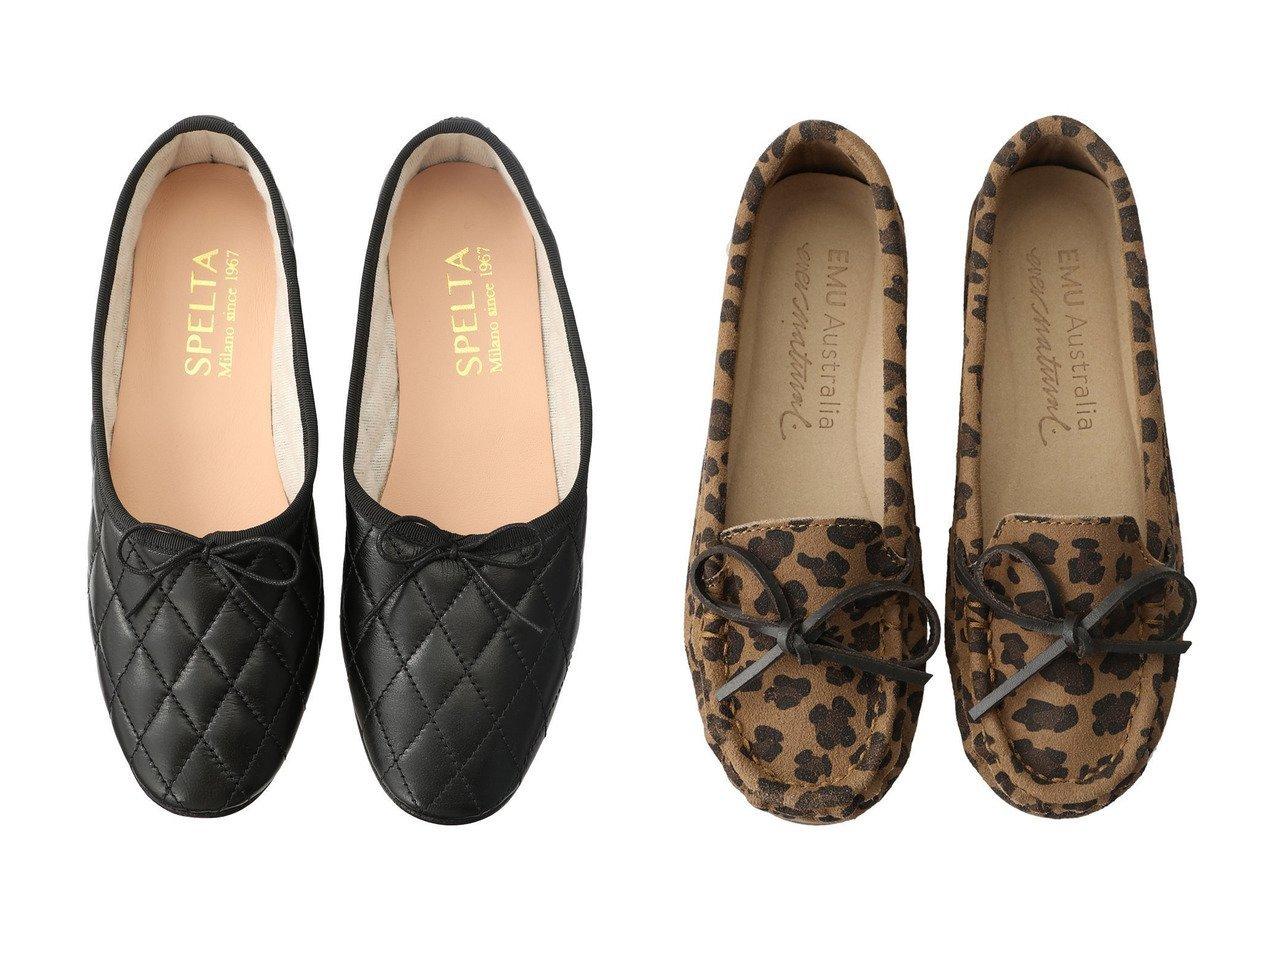 【EMU Australia/エミュ オーストラリア】のOdessa Mini Leo CC モカシン&【SPELTA/スペルタ】のOLGA キルティングバレエシューズ シューズ・靴のおすすめ!人気、レディースファッションの通販  おすすめで人気のファッション通販商品 インテリア・家具・キッズファッション・メンズファッション・レディースファッション・服の通販 founy(ファニー) https://founy.com/ ファッション Fashion レディース WOMEN キルティング シューズ バレエ パーティ フォルム フラット リボン スエード レオパード |ID:crp329100000000098